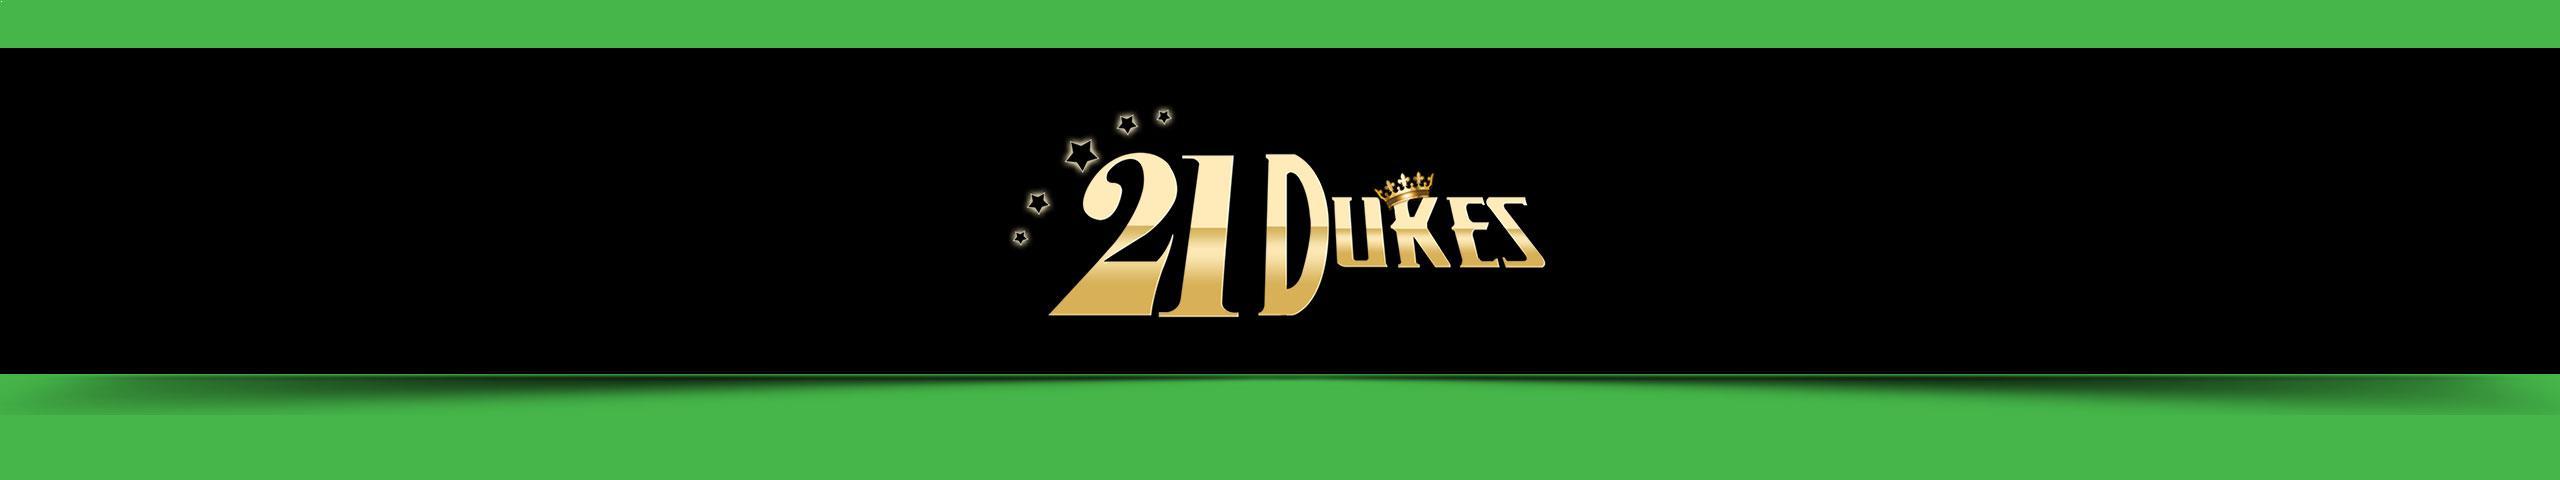 21Dukes Vizualizarea Casino-ului Casino Multa Bafta Slider